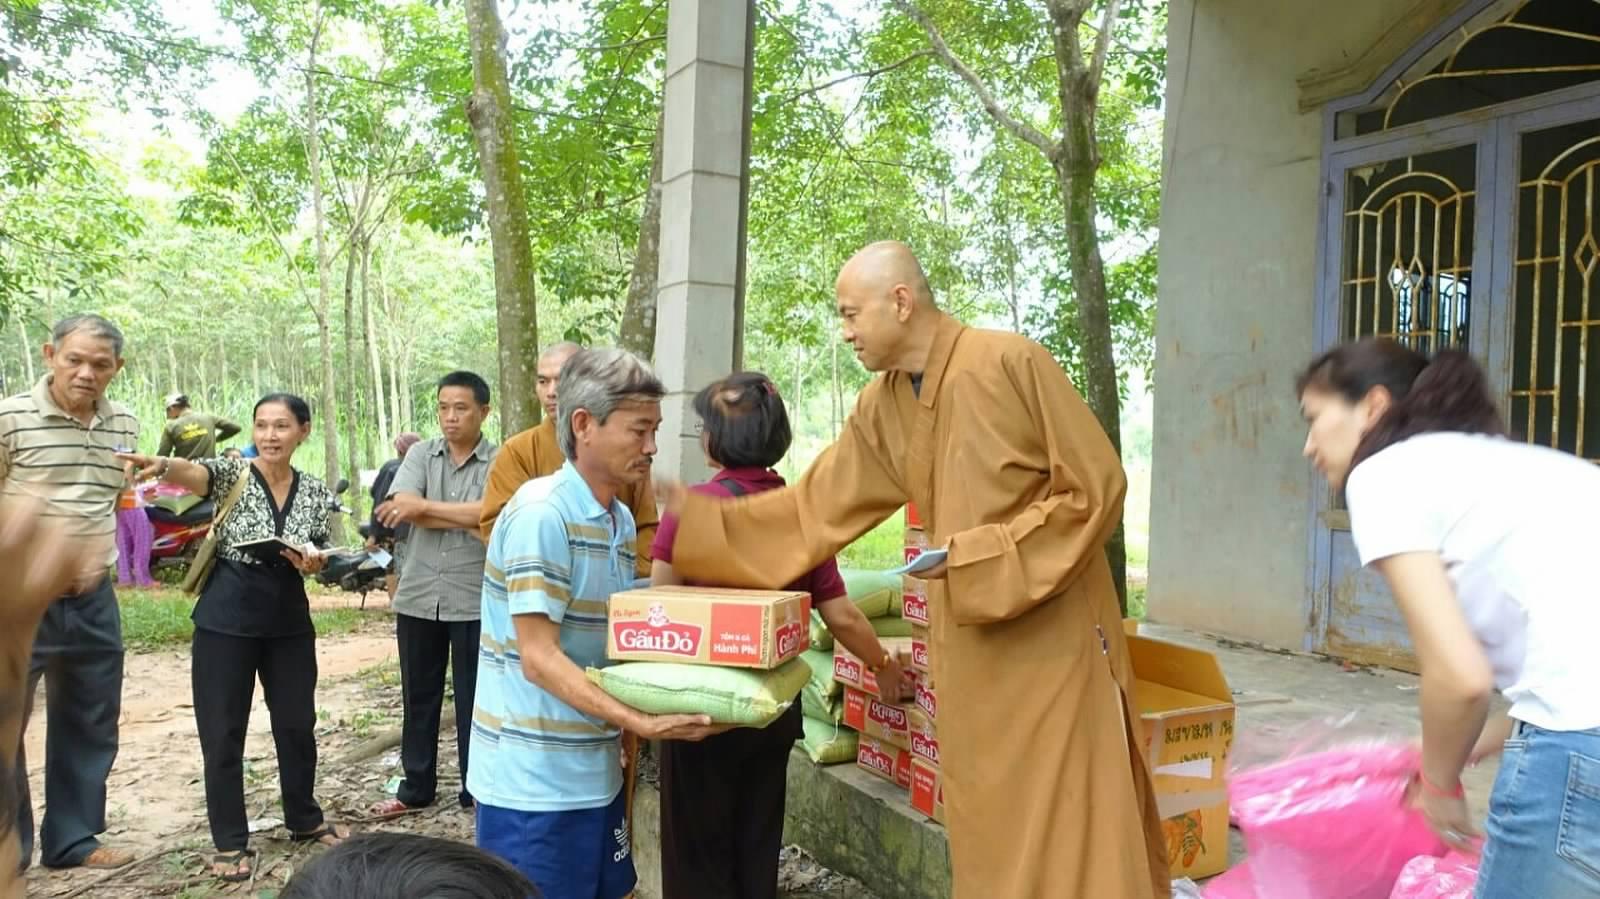 25 Viet kieu Campuchia (14)